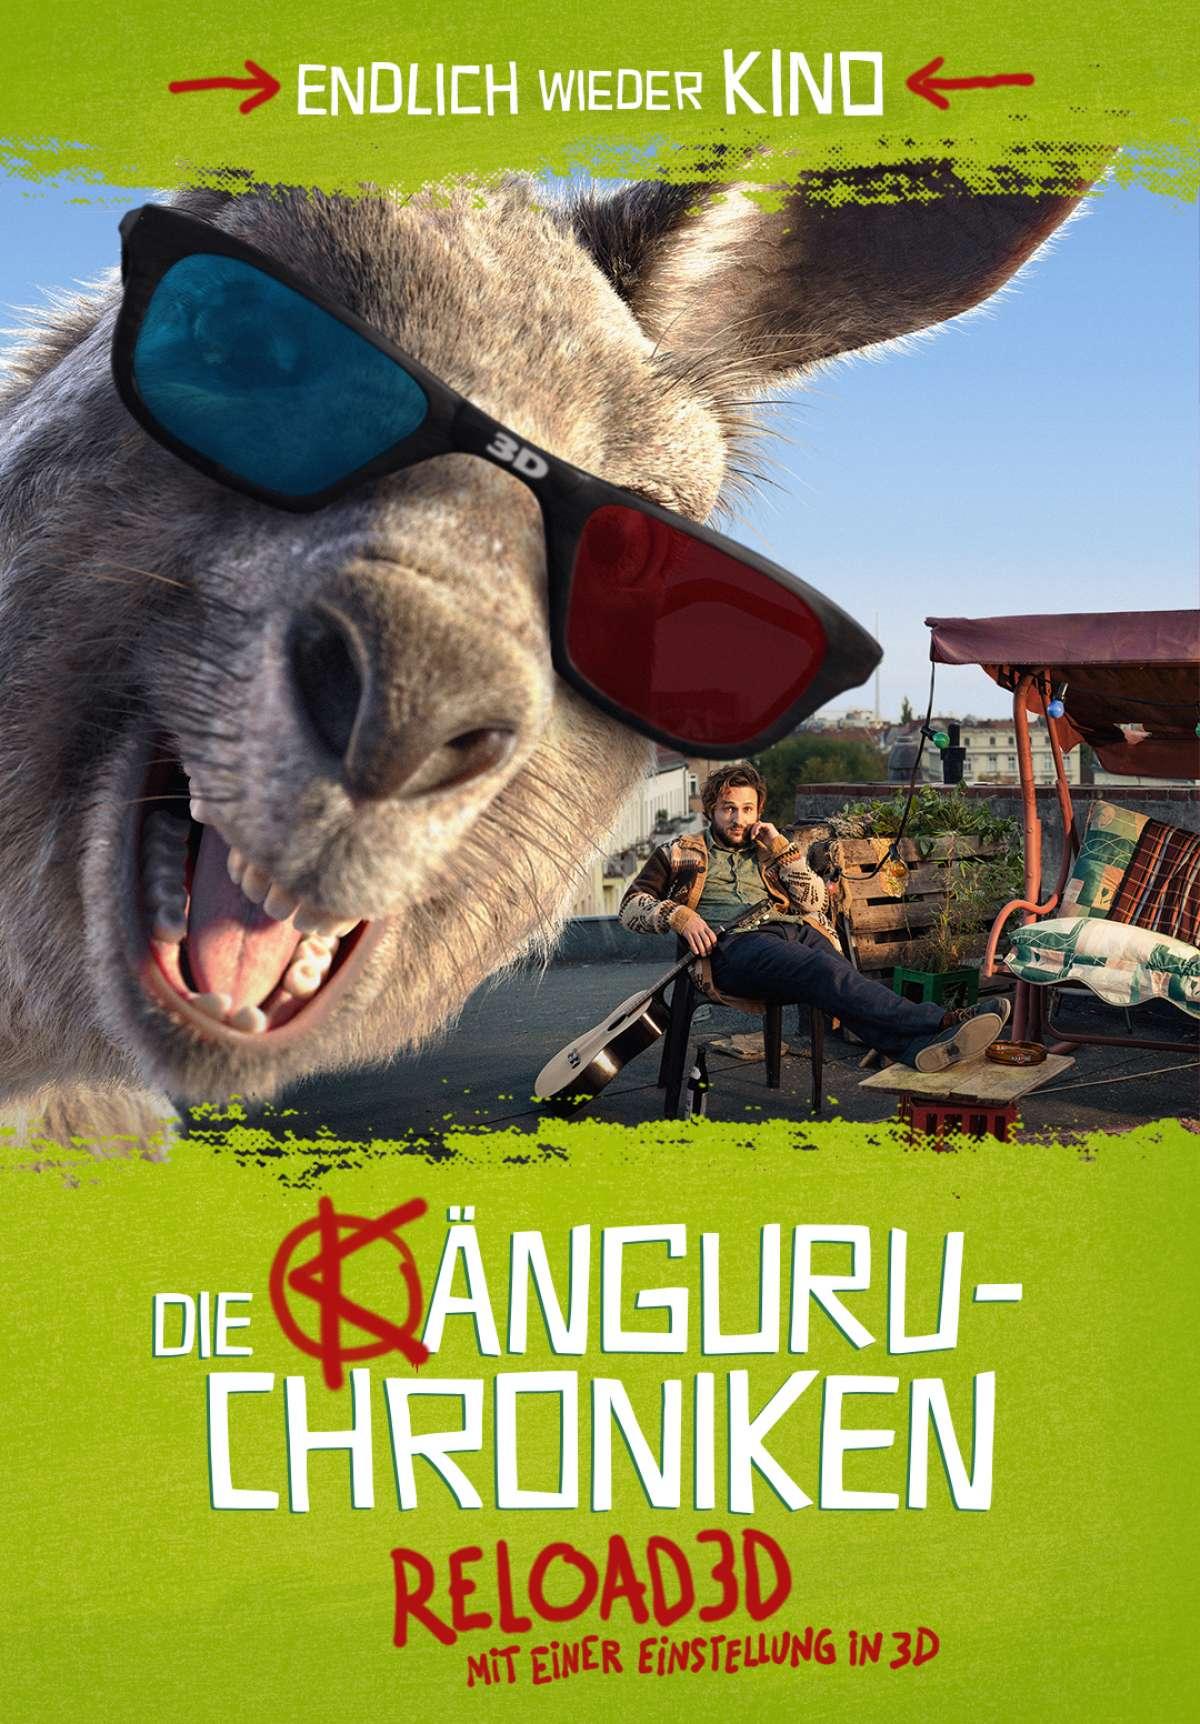 Die Känguru-Chroniken - Cineplex  - Marburg